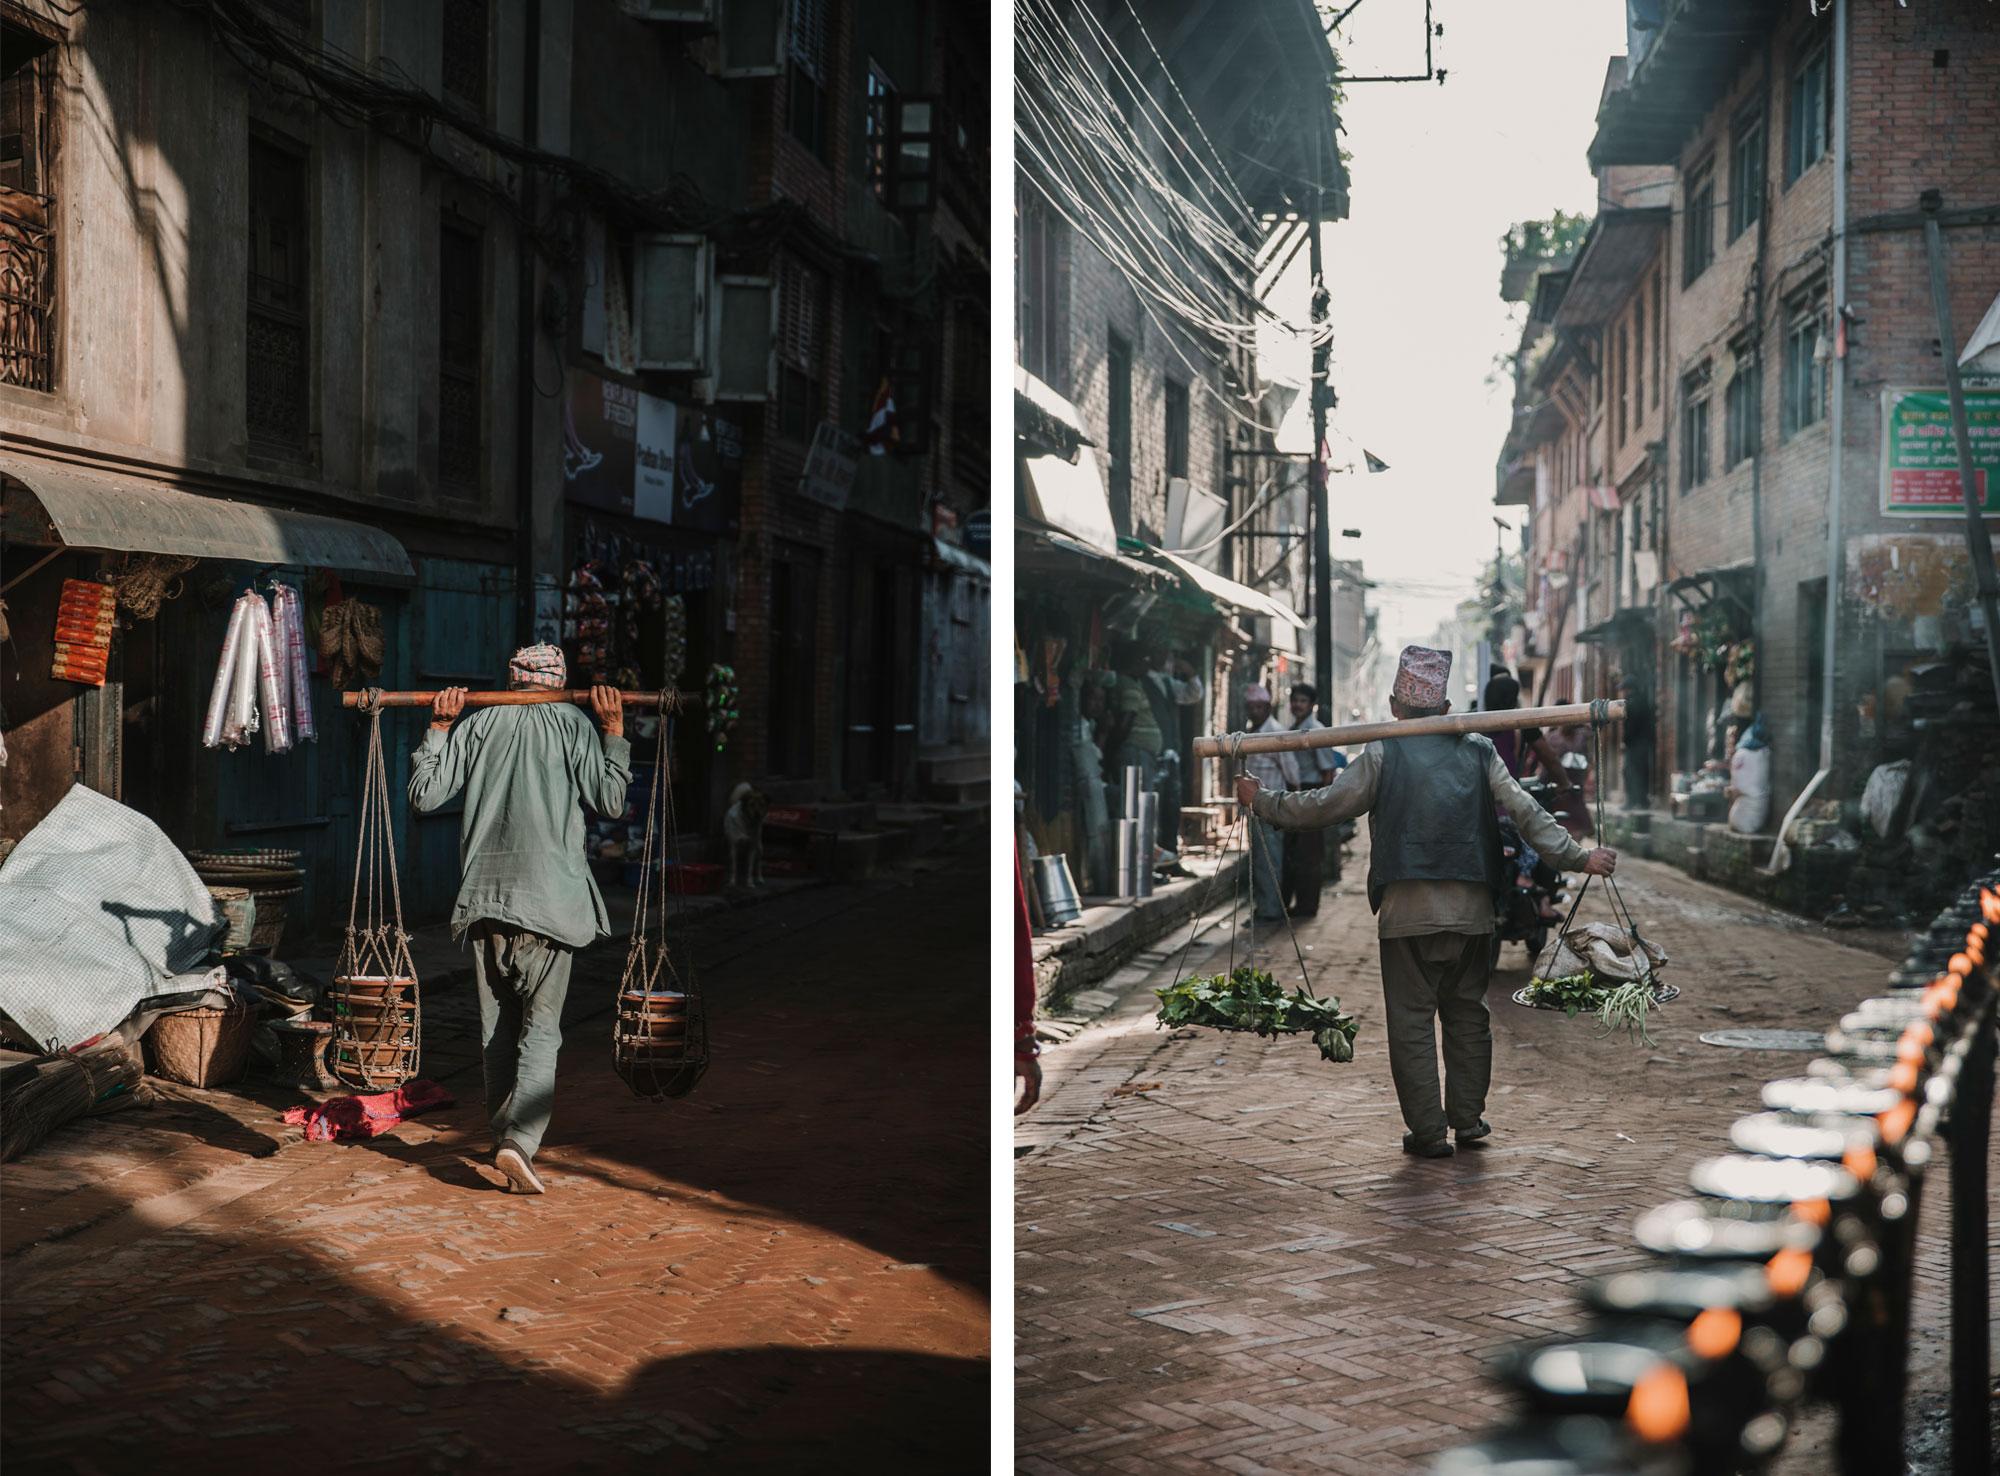 nepal2018_3.jpg